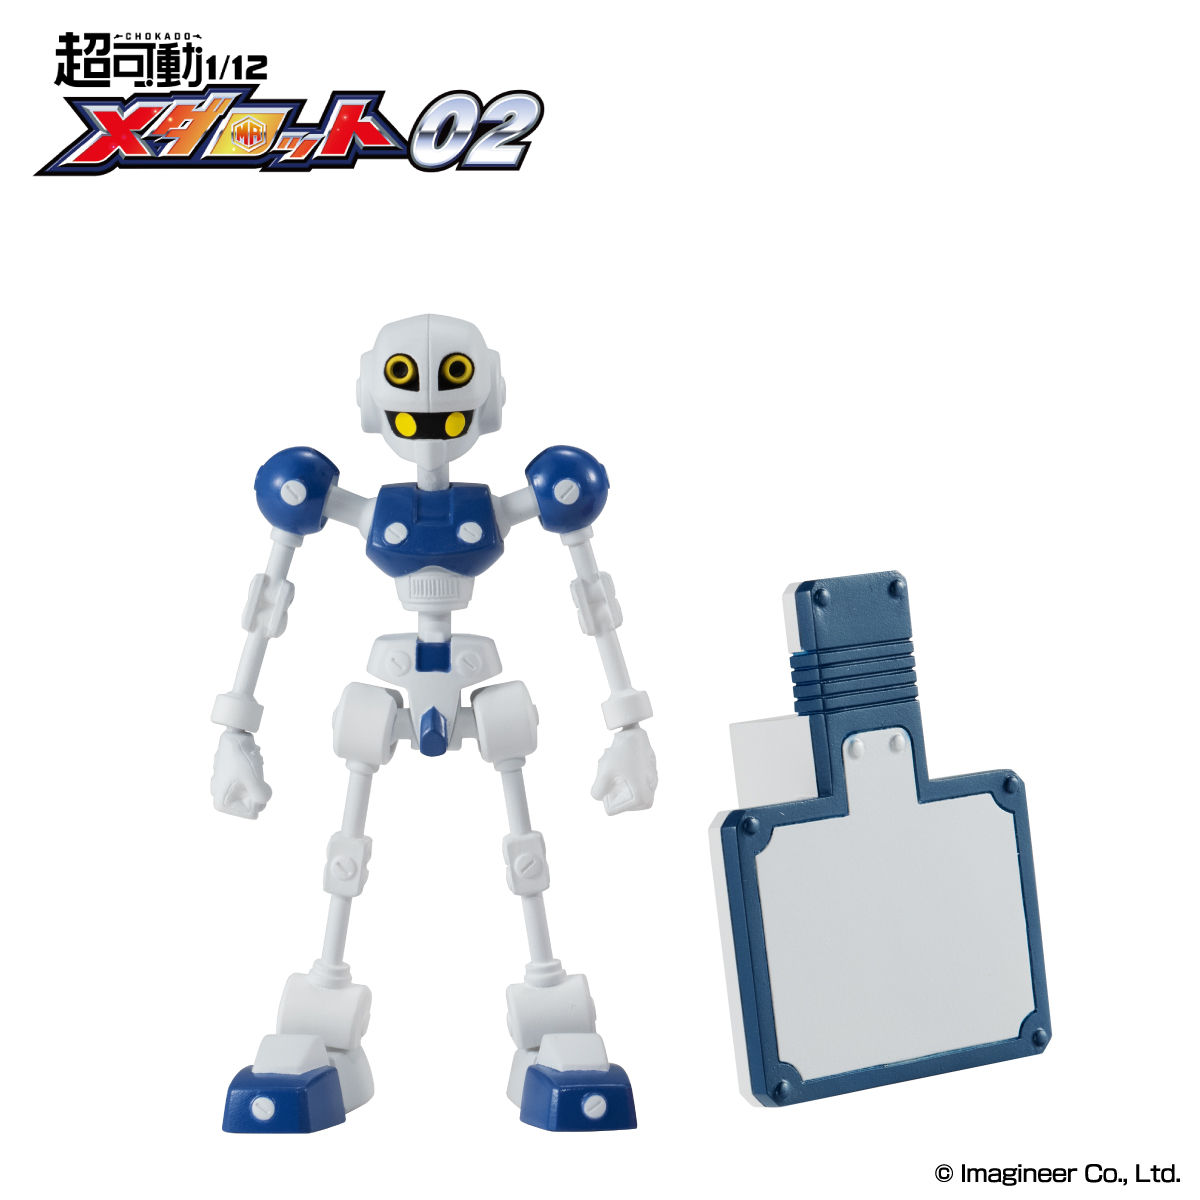 【ガシャポン】メダロット『超可動 1/12 メダロット02』可動フィギュア-007